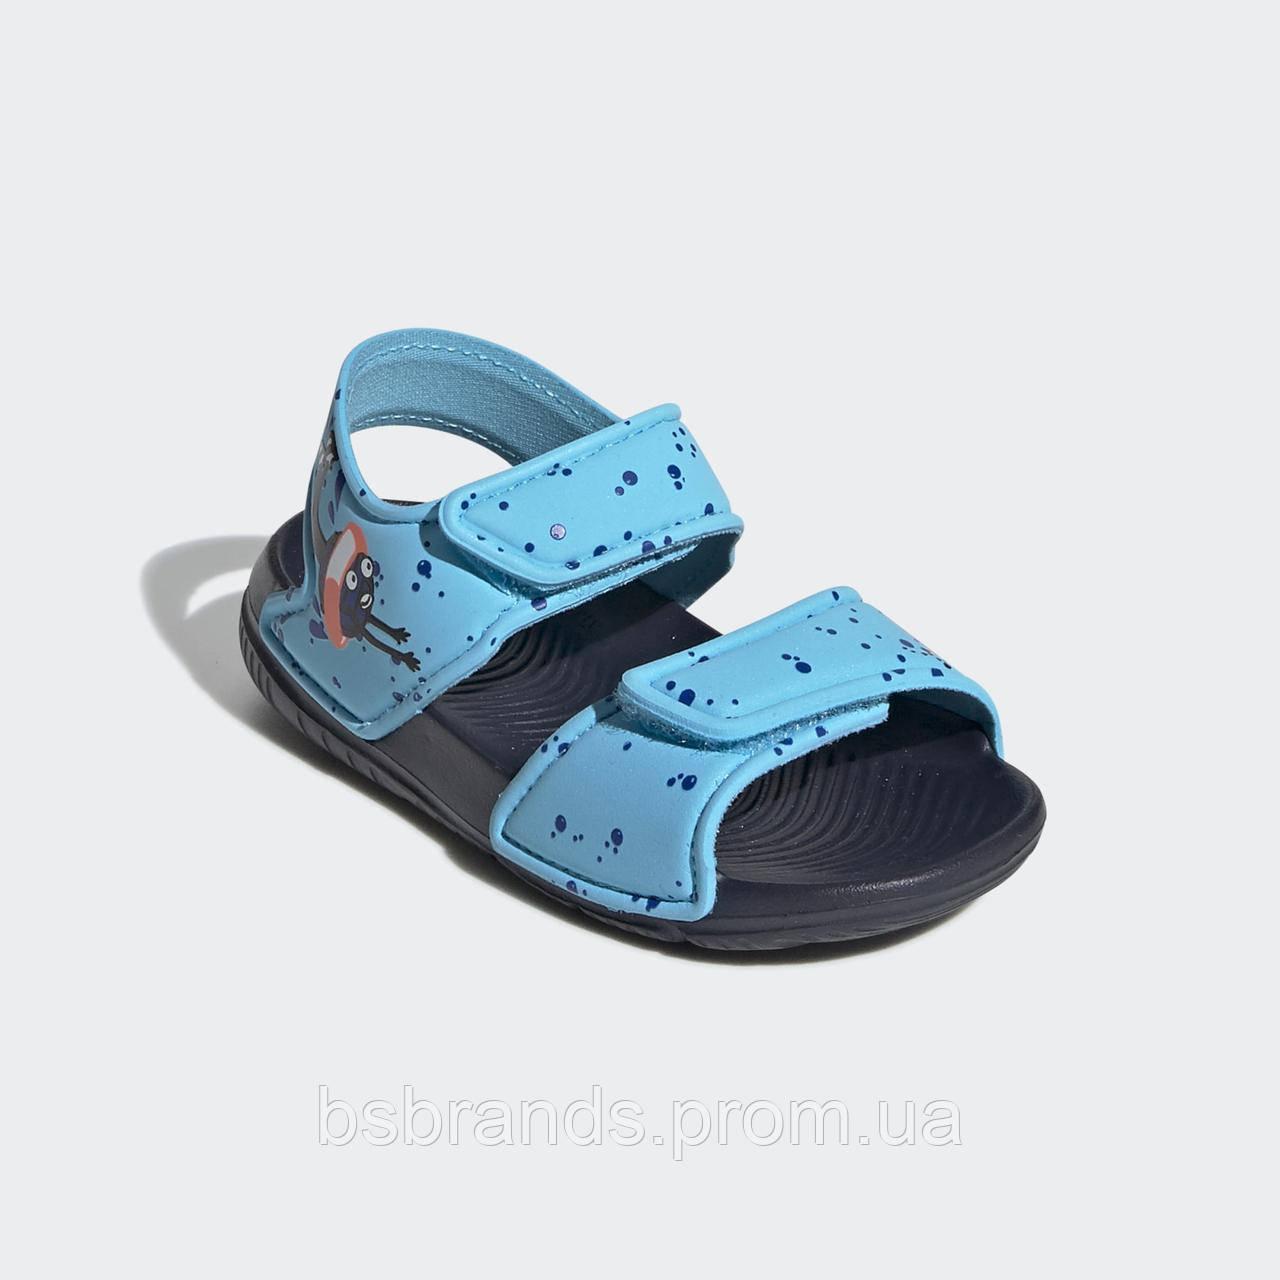 Детские сандалии adidas AltaSwim EG2180 (2020/1)